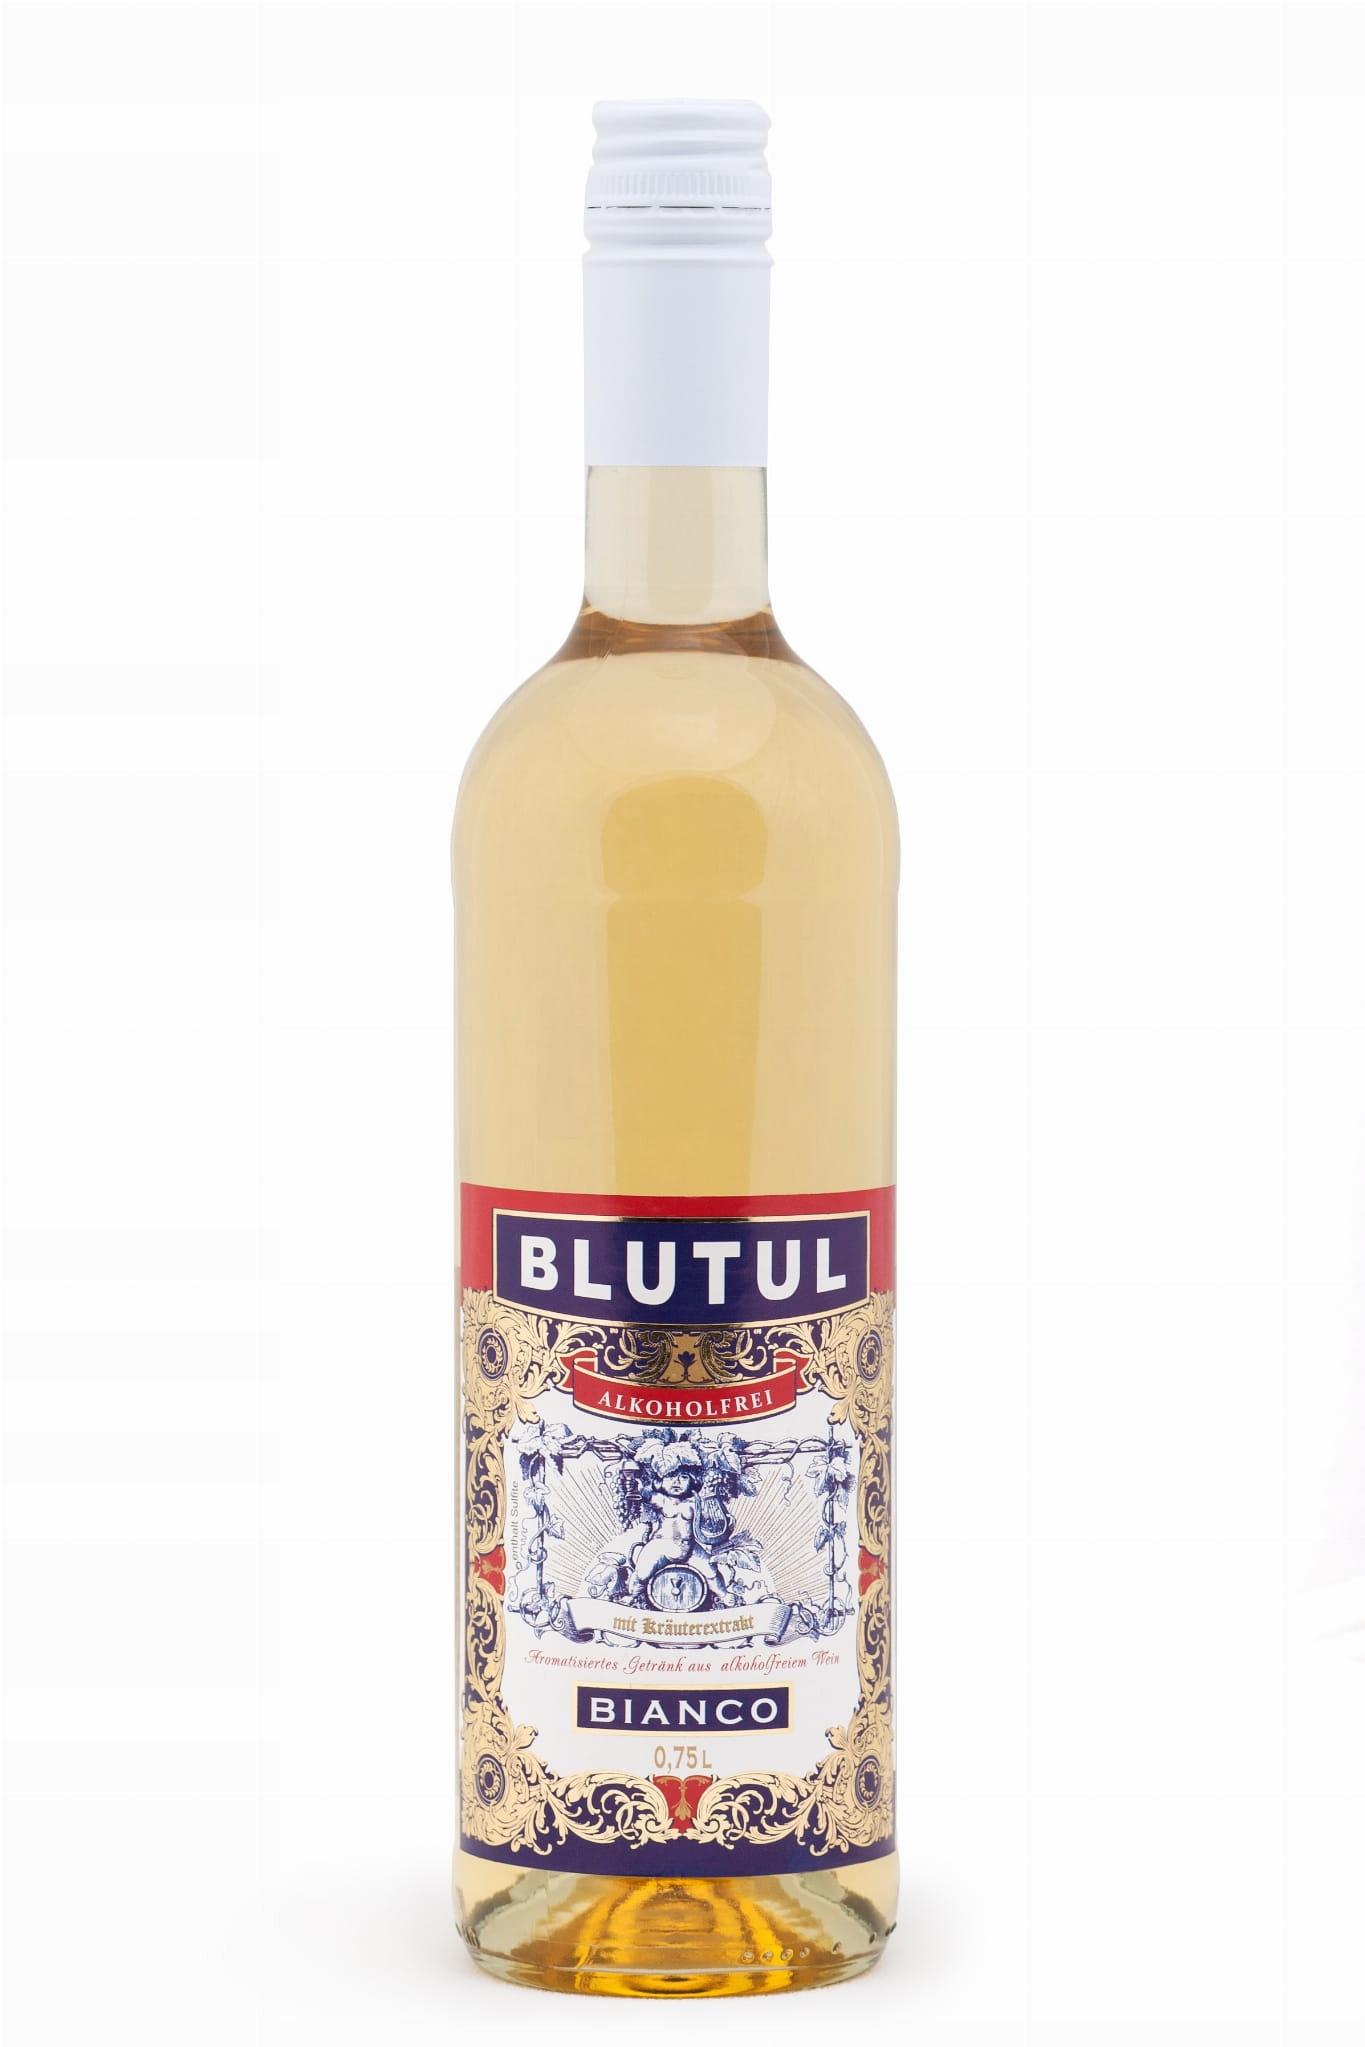 Blutul Bianco Vermouth - Wino bezalko. słodkie